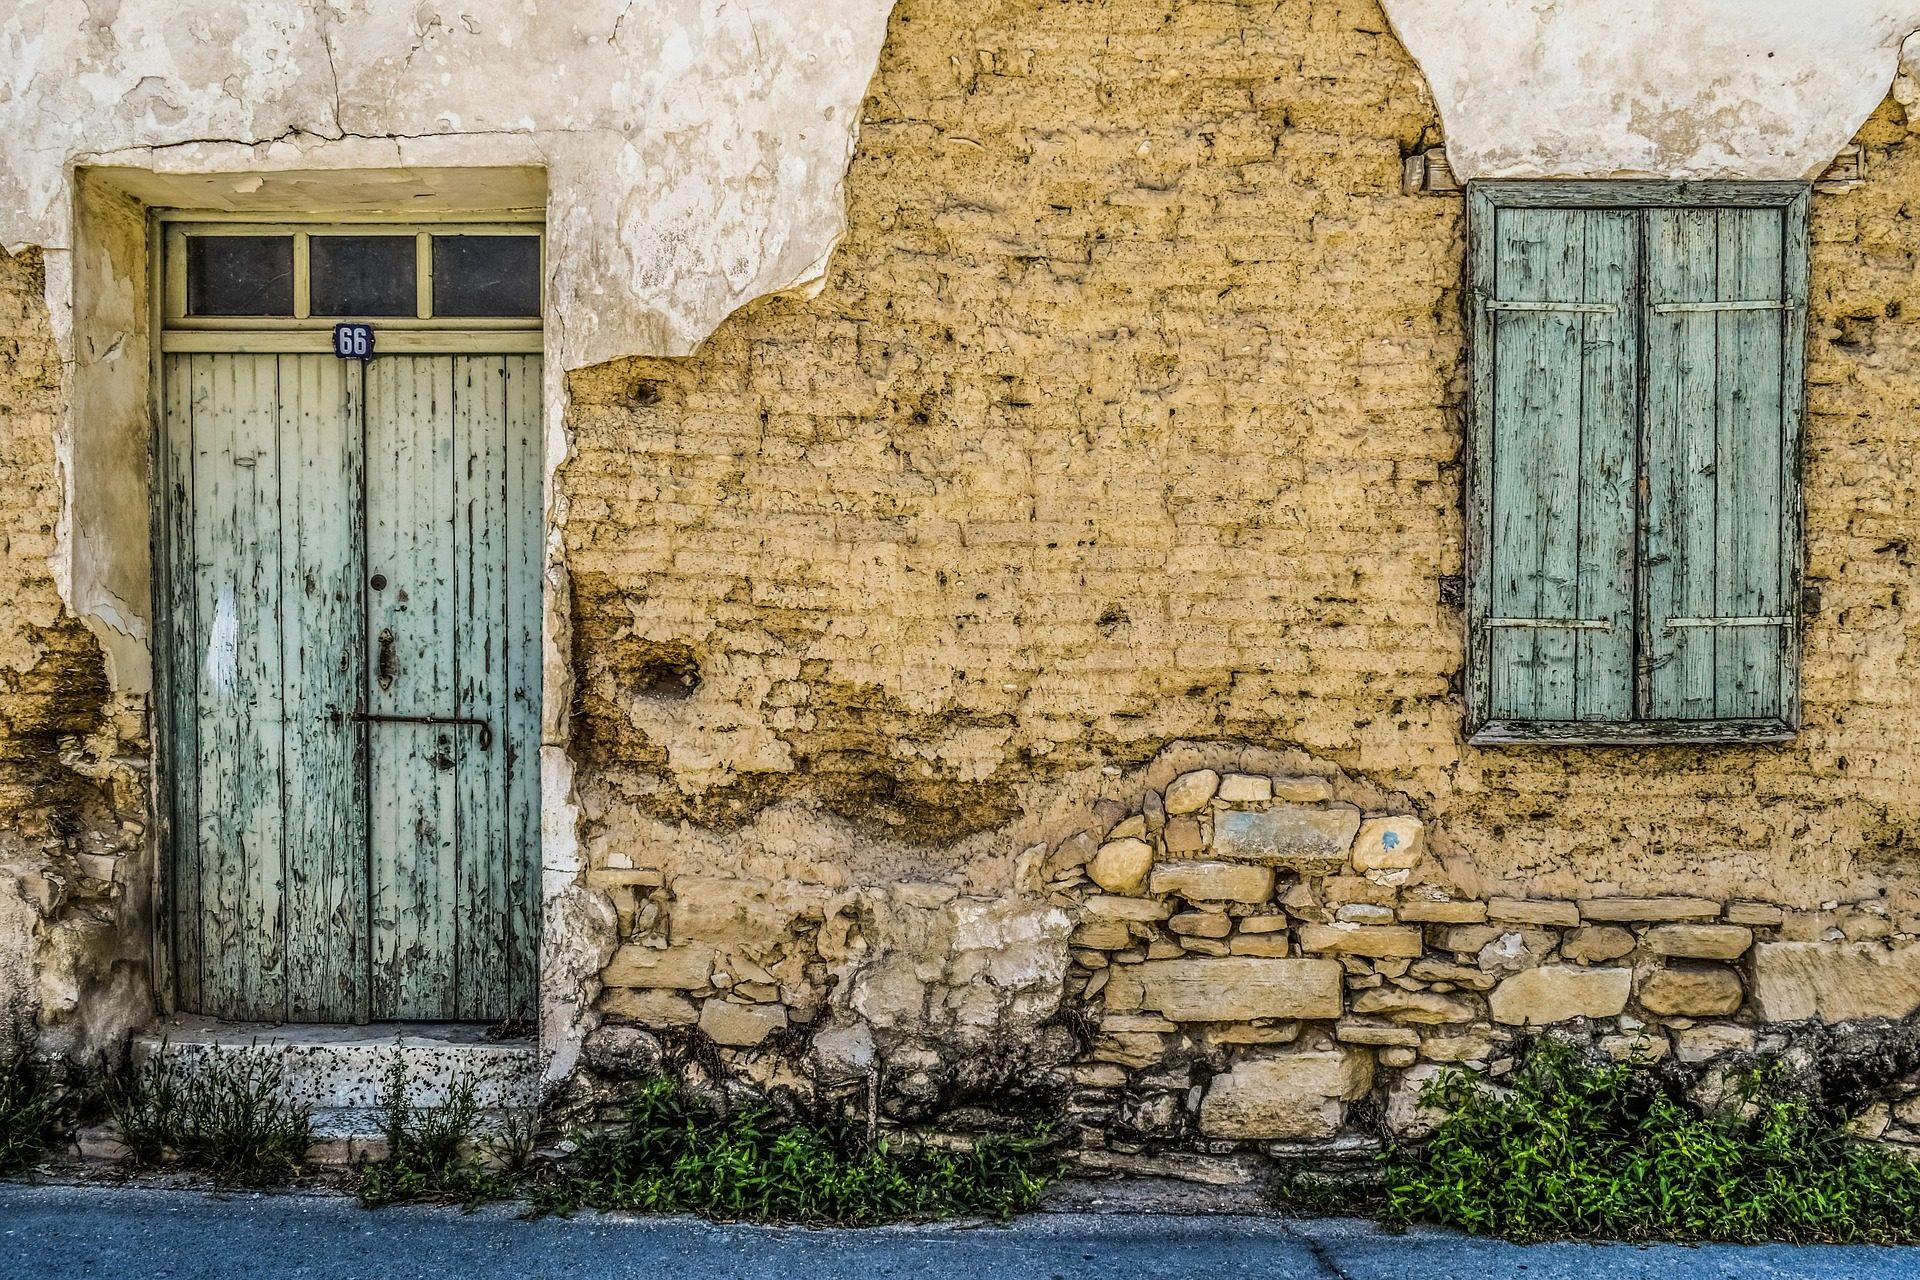 房子, antigua, 老, 被遗弃, 门, 窗口 - 高清壁纸 - 教授-falken.com